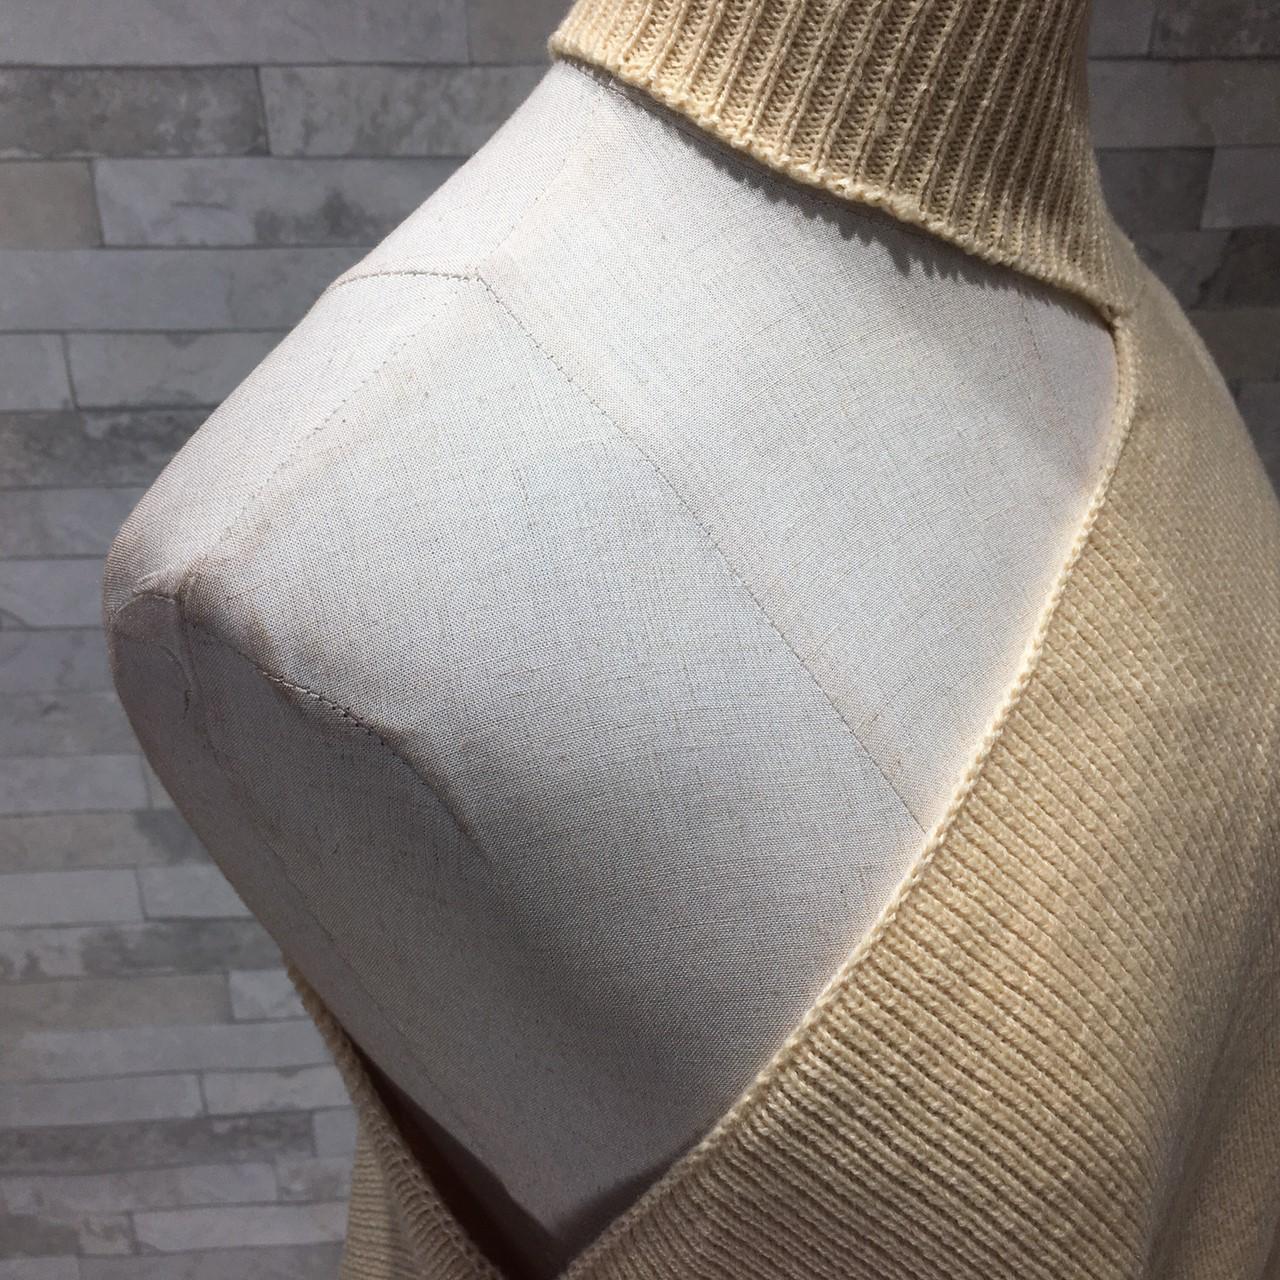 韓国 ファッション トップス ニット セーター 秋 冬 カジュアル PTXG443  アシンメトリー カットオフ 肌見せ リブニット オルチャン シンプル 定番 セレカジの写真9枚目